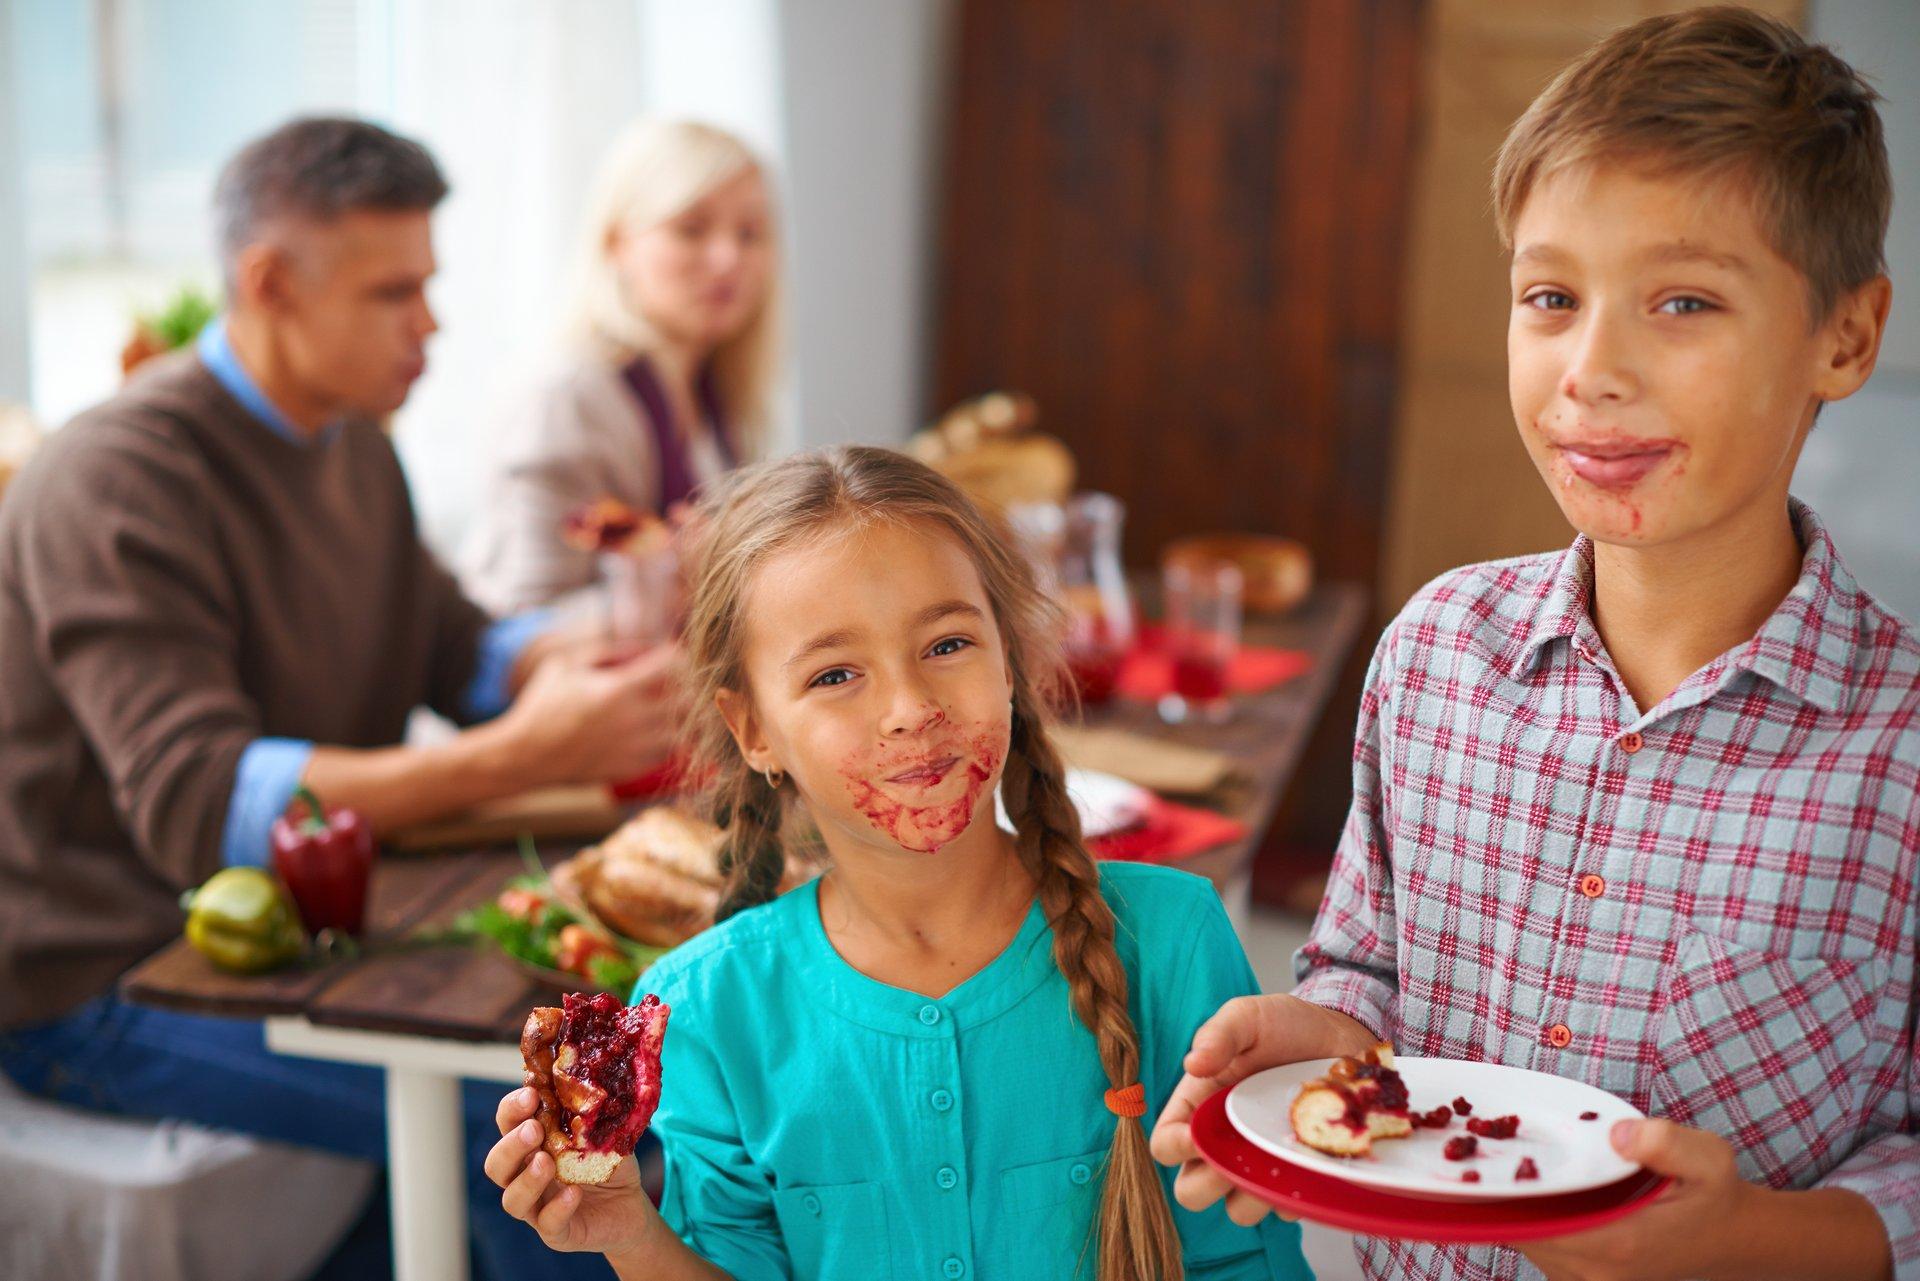 Kids with pie